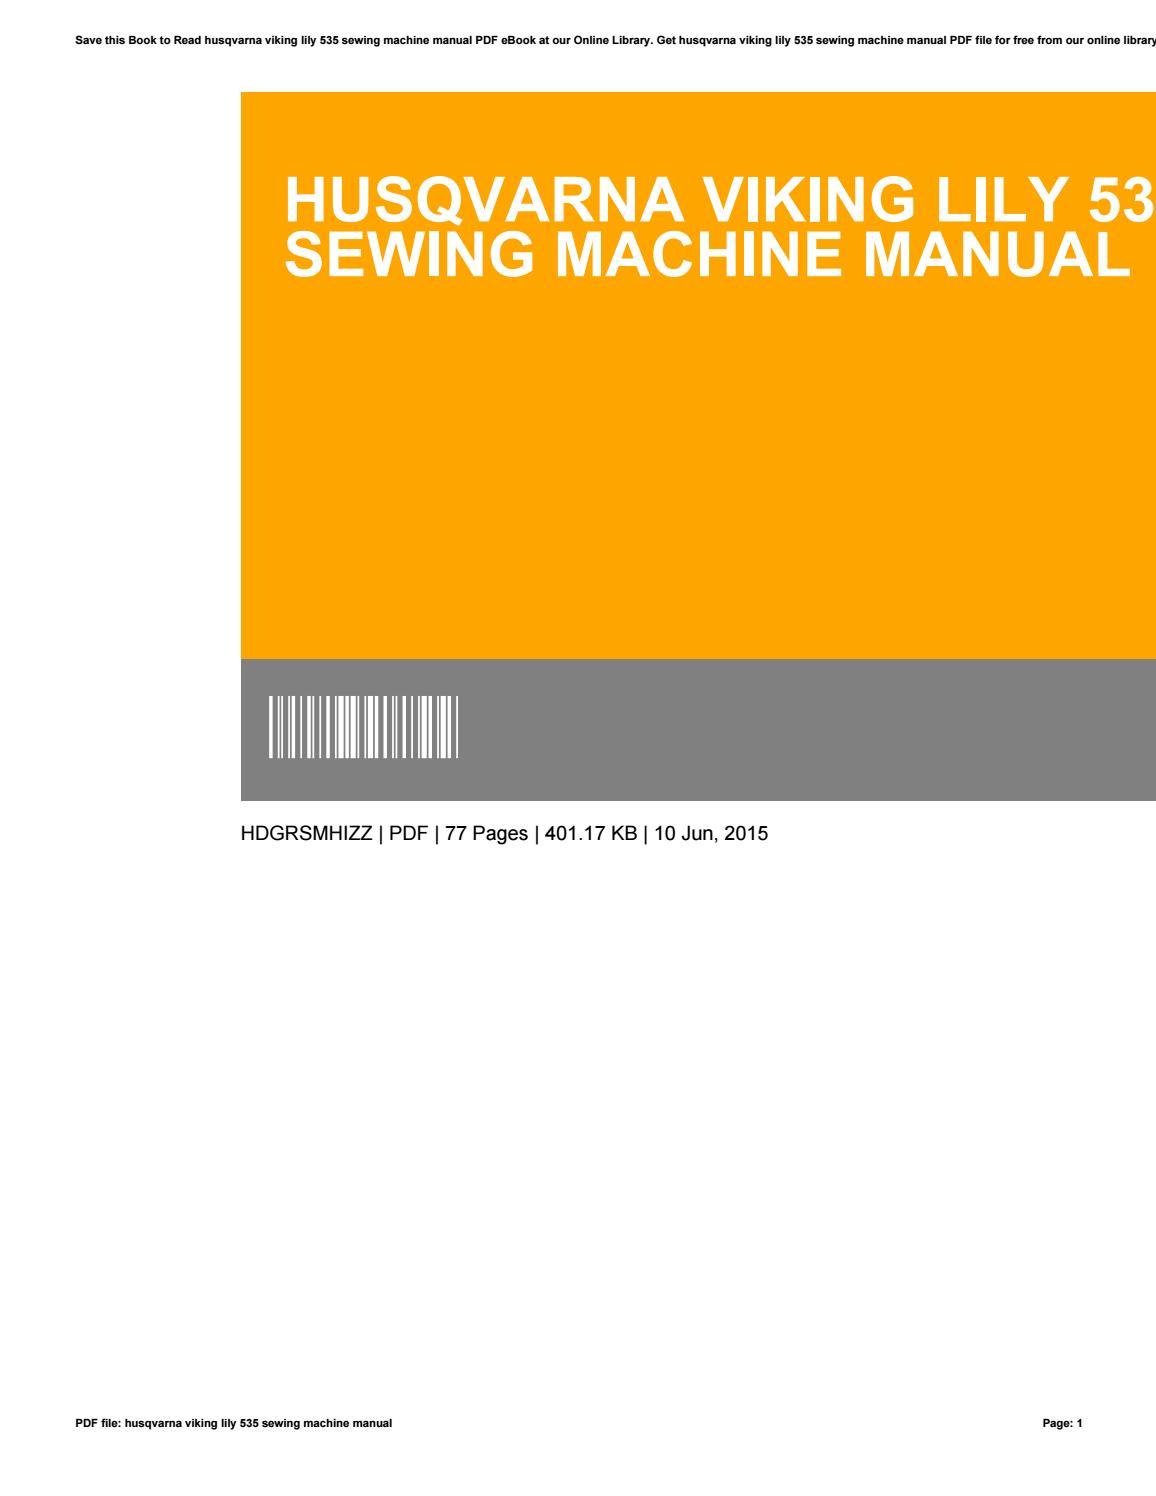 Husqvarna viking lily 535 sewing machine manual by JasonDeaton2427 - issuu